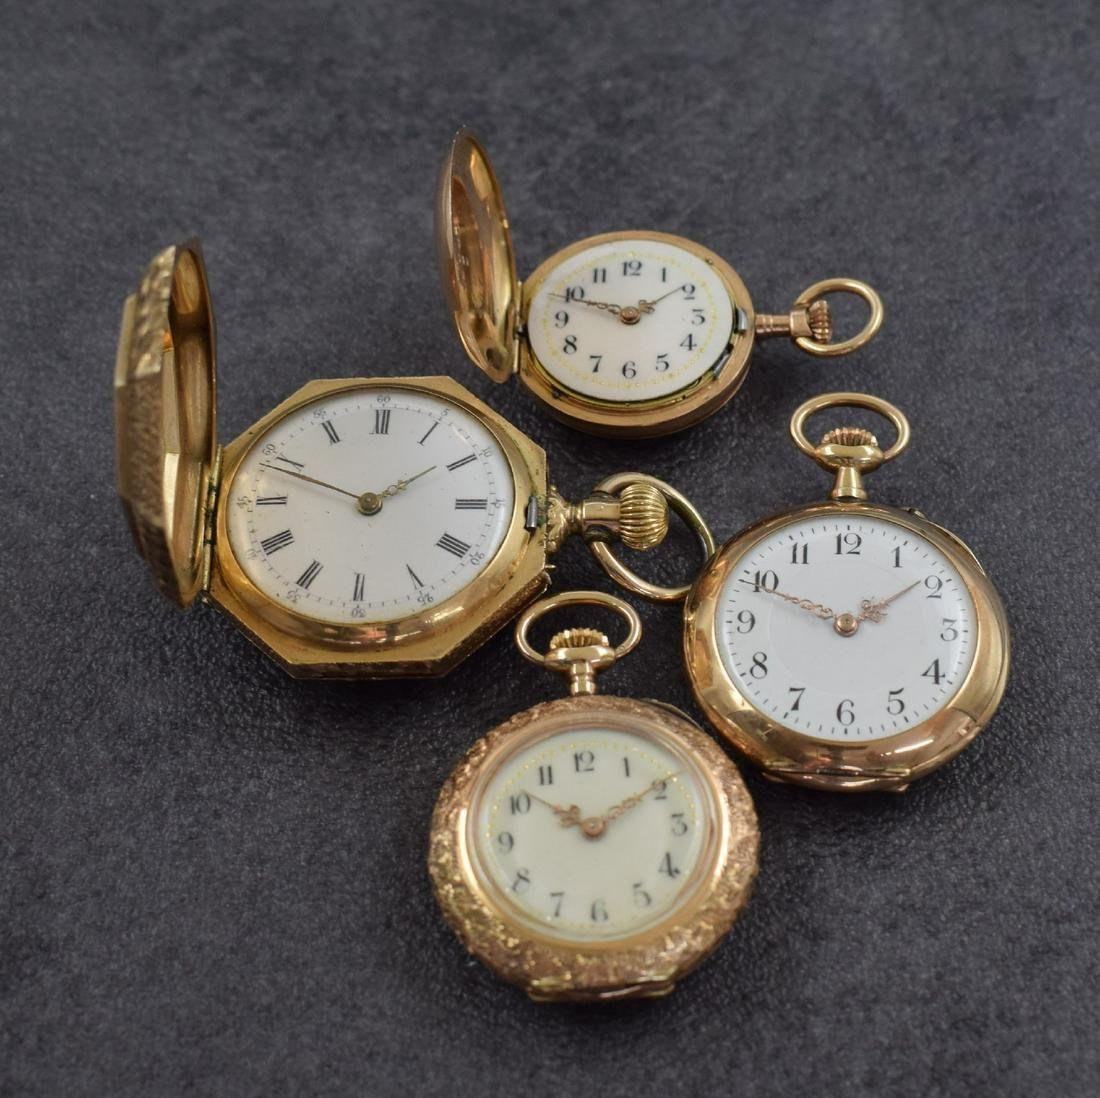 Set of 4 14k pink gold ladies pocket watches